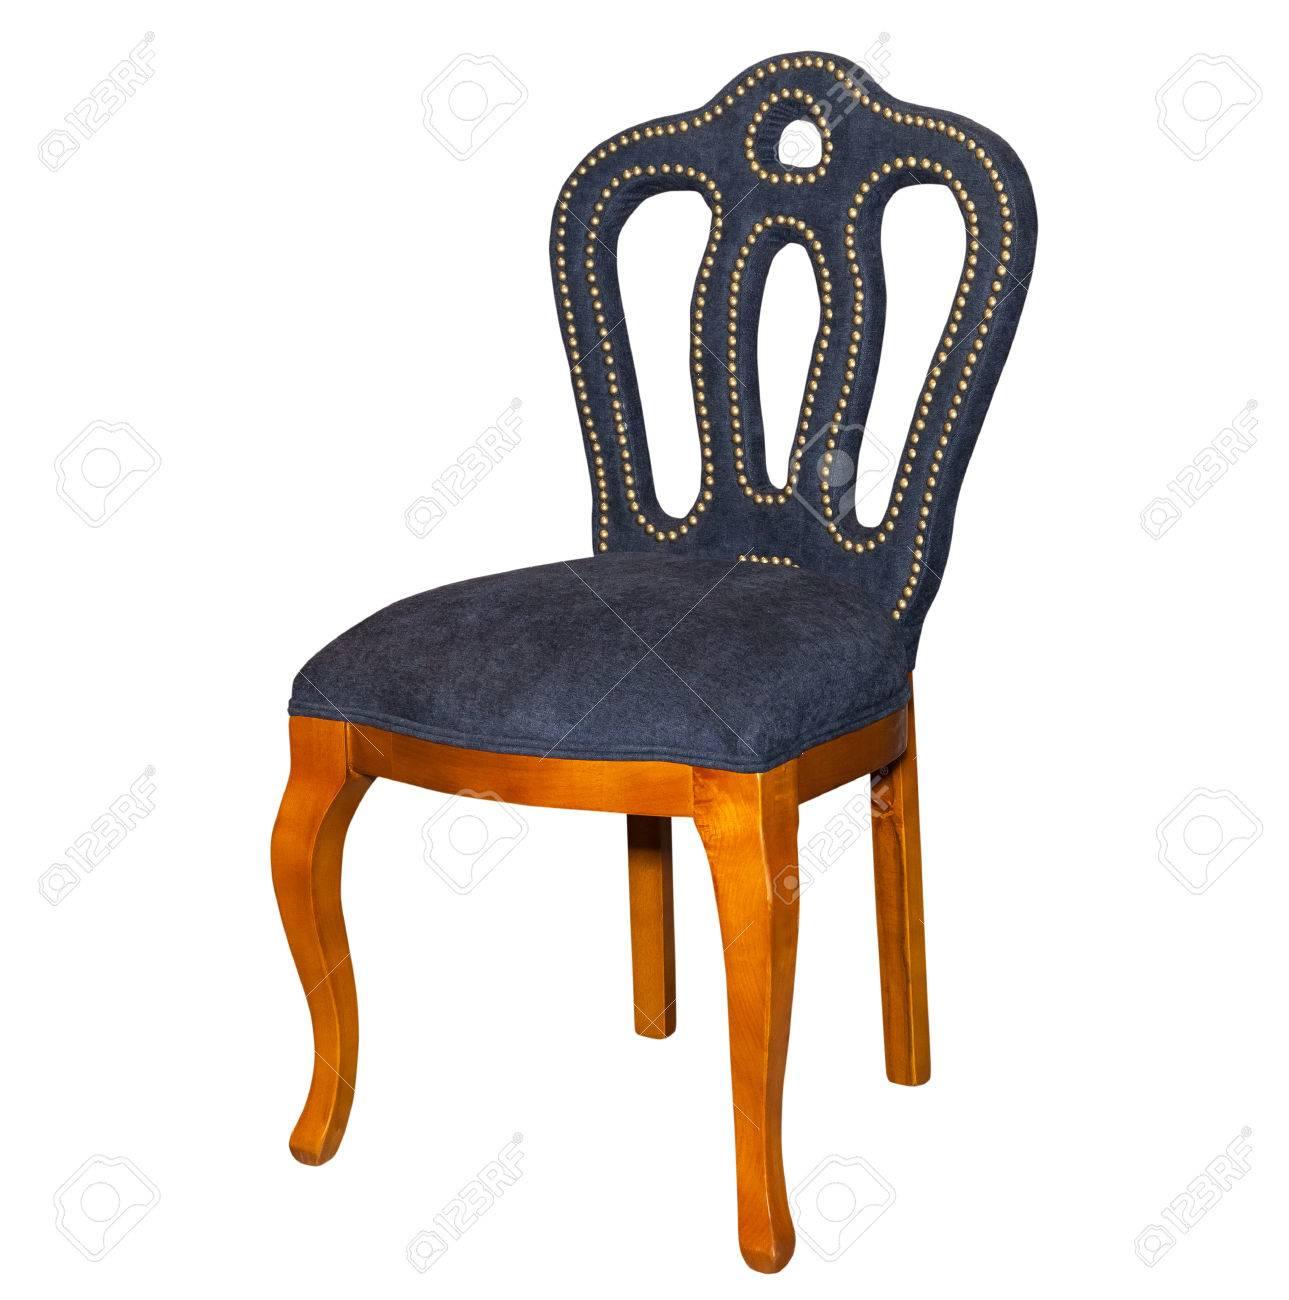 Brown Küchenhocker Stuhl Auf Weißem Hintergrund Lizenzfreie Fotos ...